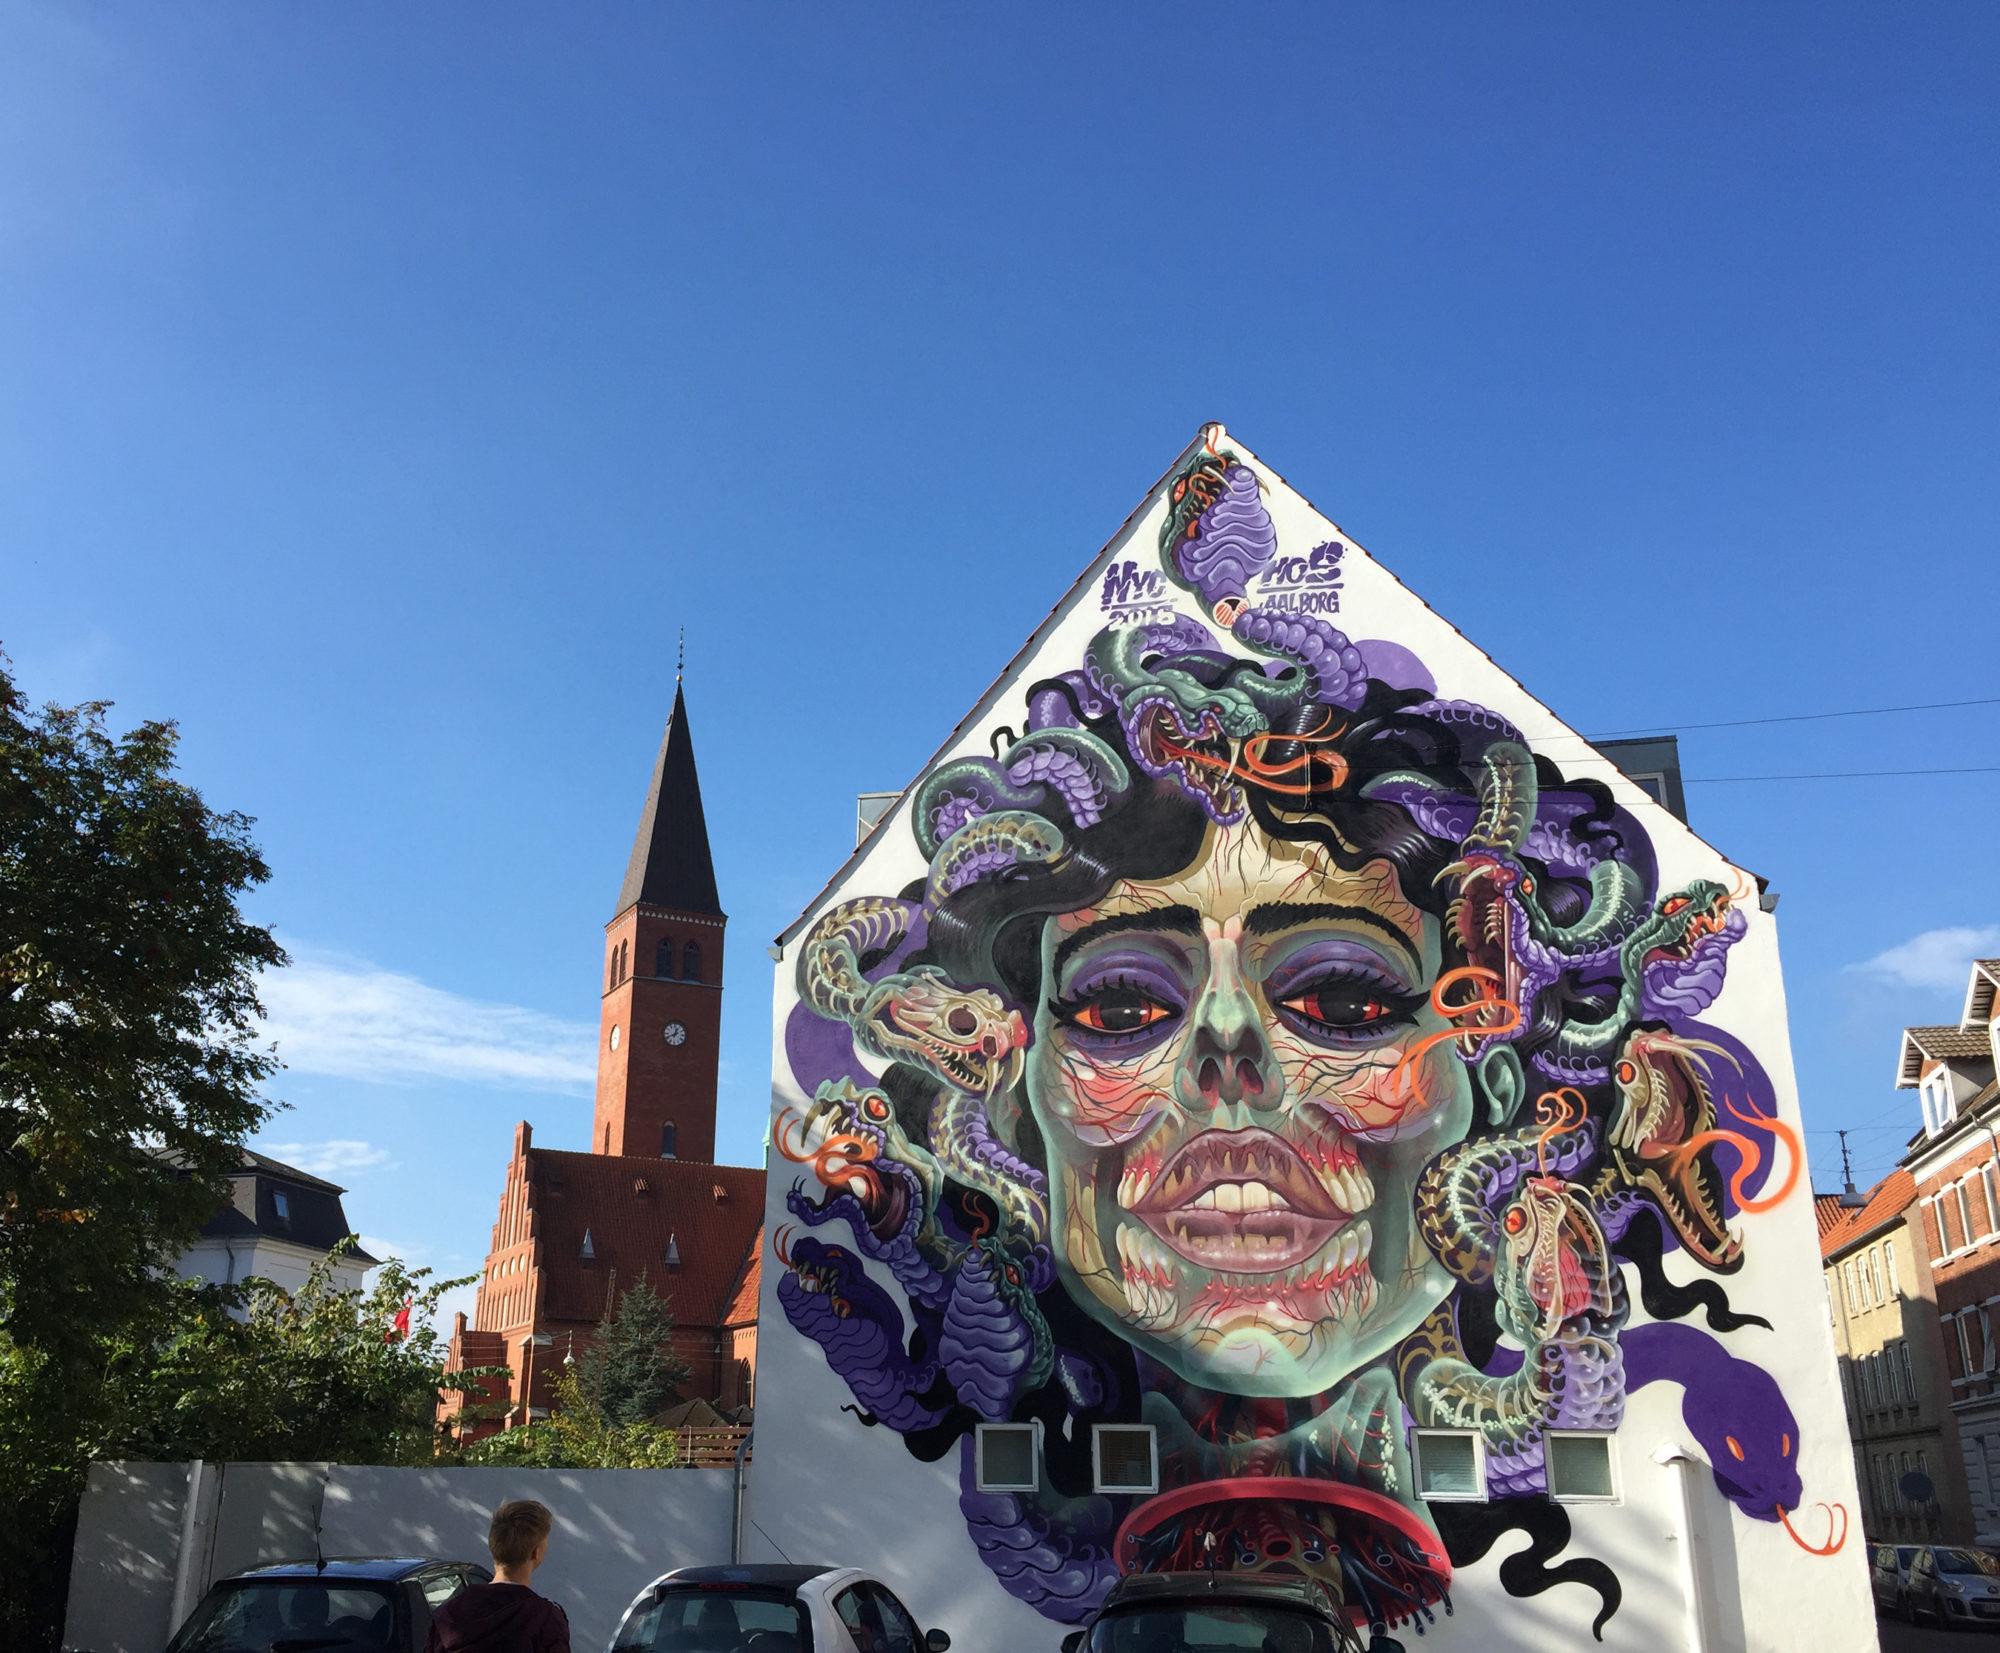 Gatekunst. Denne typen utsmykninger ser du «over alt» i Aalborg. Det er en spennende oppdagelsesferd. Foto: Visit Aalborg